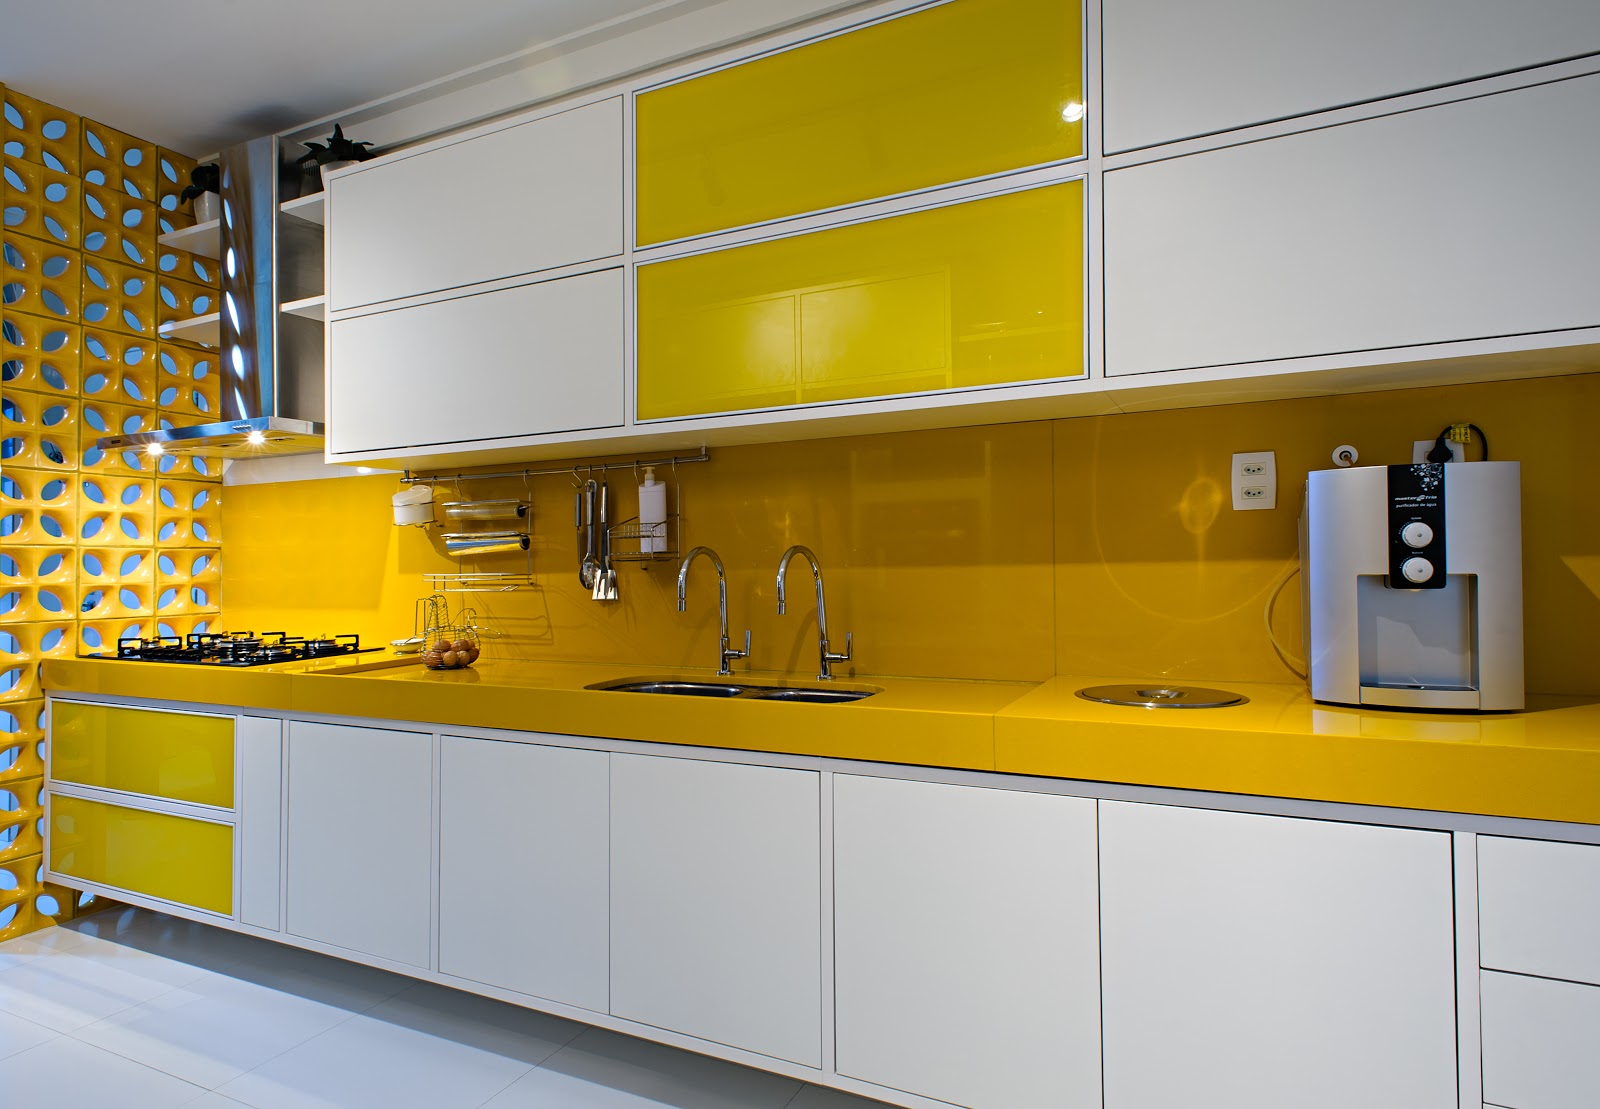 UM sonho a DOIS: Cozinha em Cores! #BE9403 1600x1109 Banheiro Com Detalhes Em Amarelo